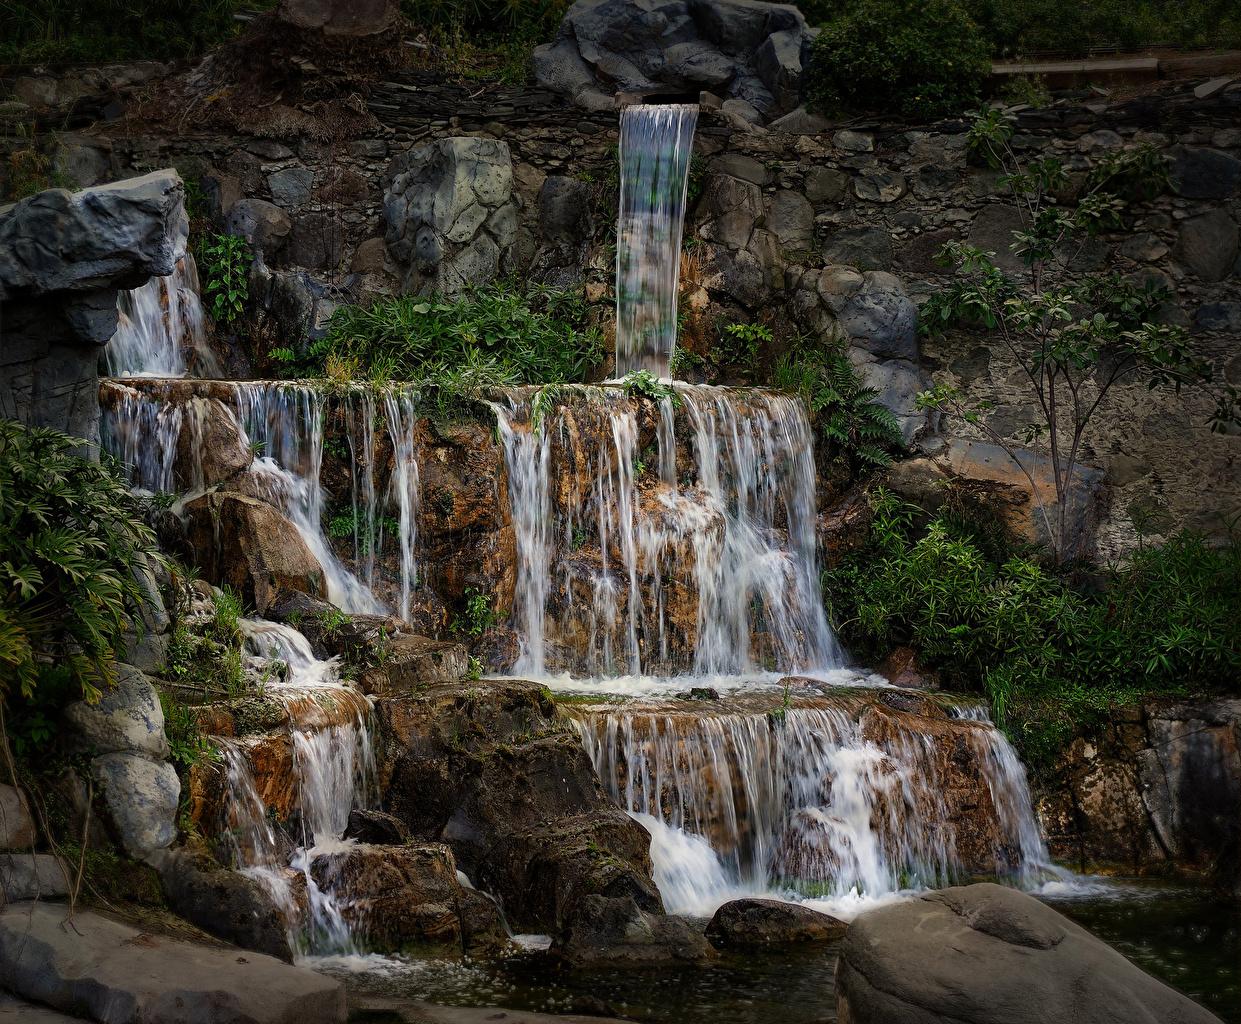 Фото Испания Las Palmas Gran Canaria Скала Природа Водопады Камни Утес скалы скале Камень